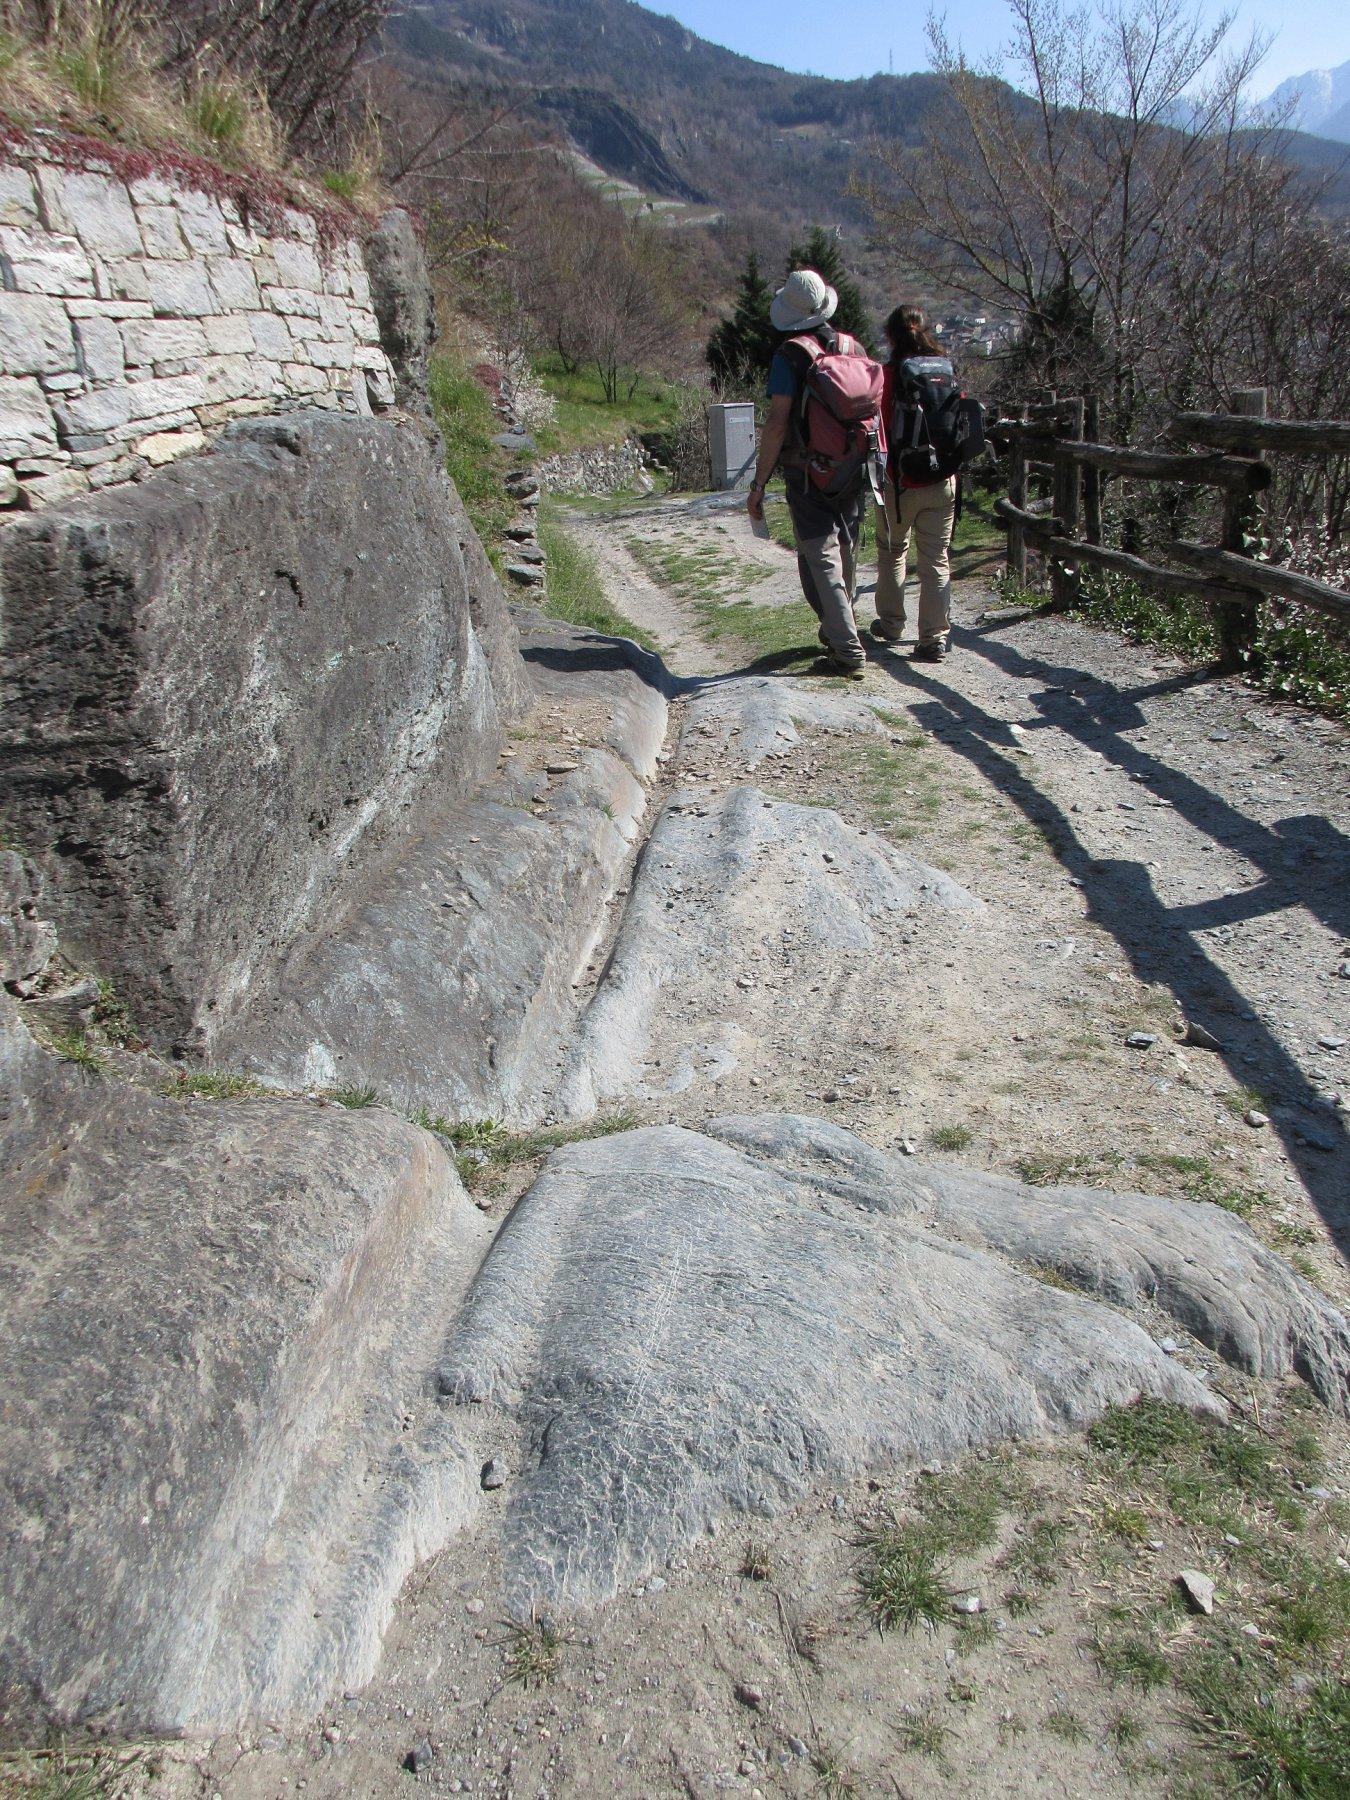 lungo la Via romana delle Gallie